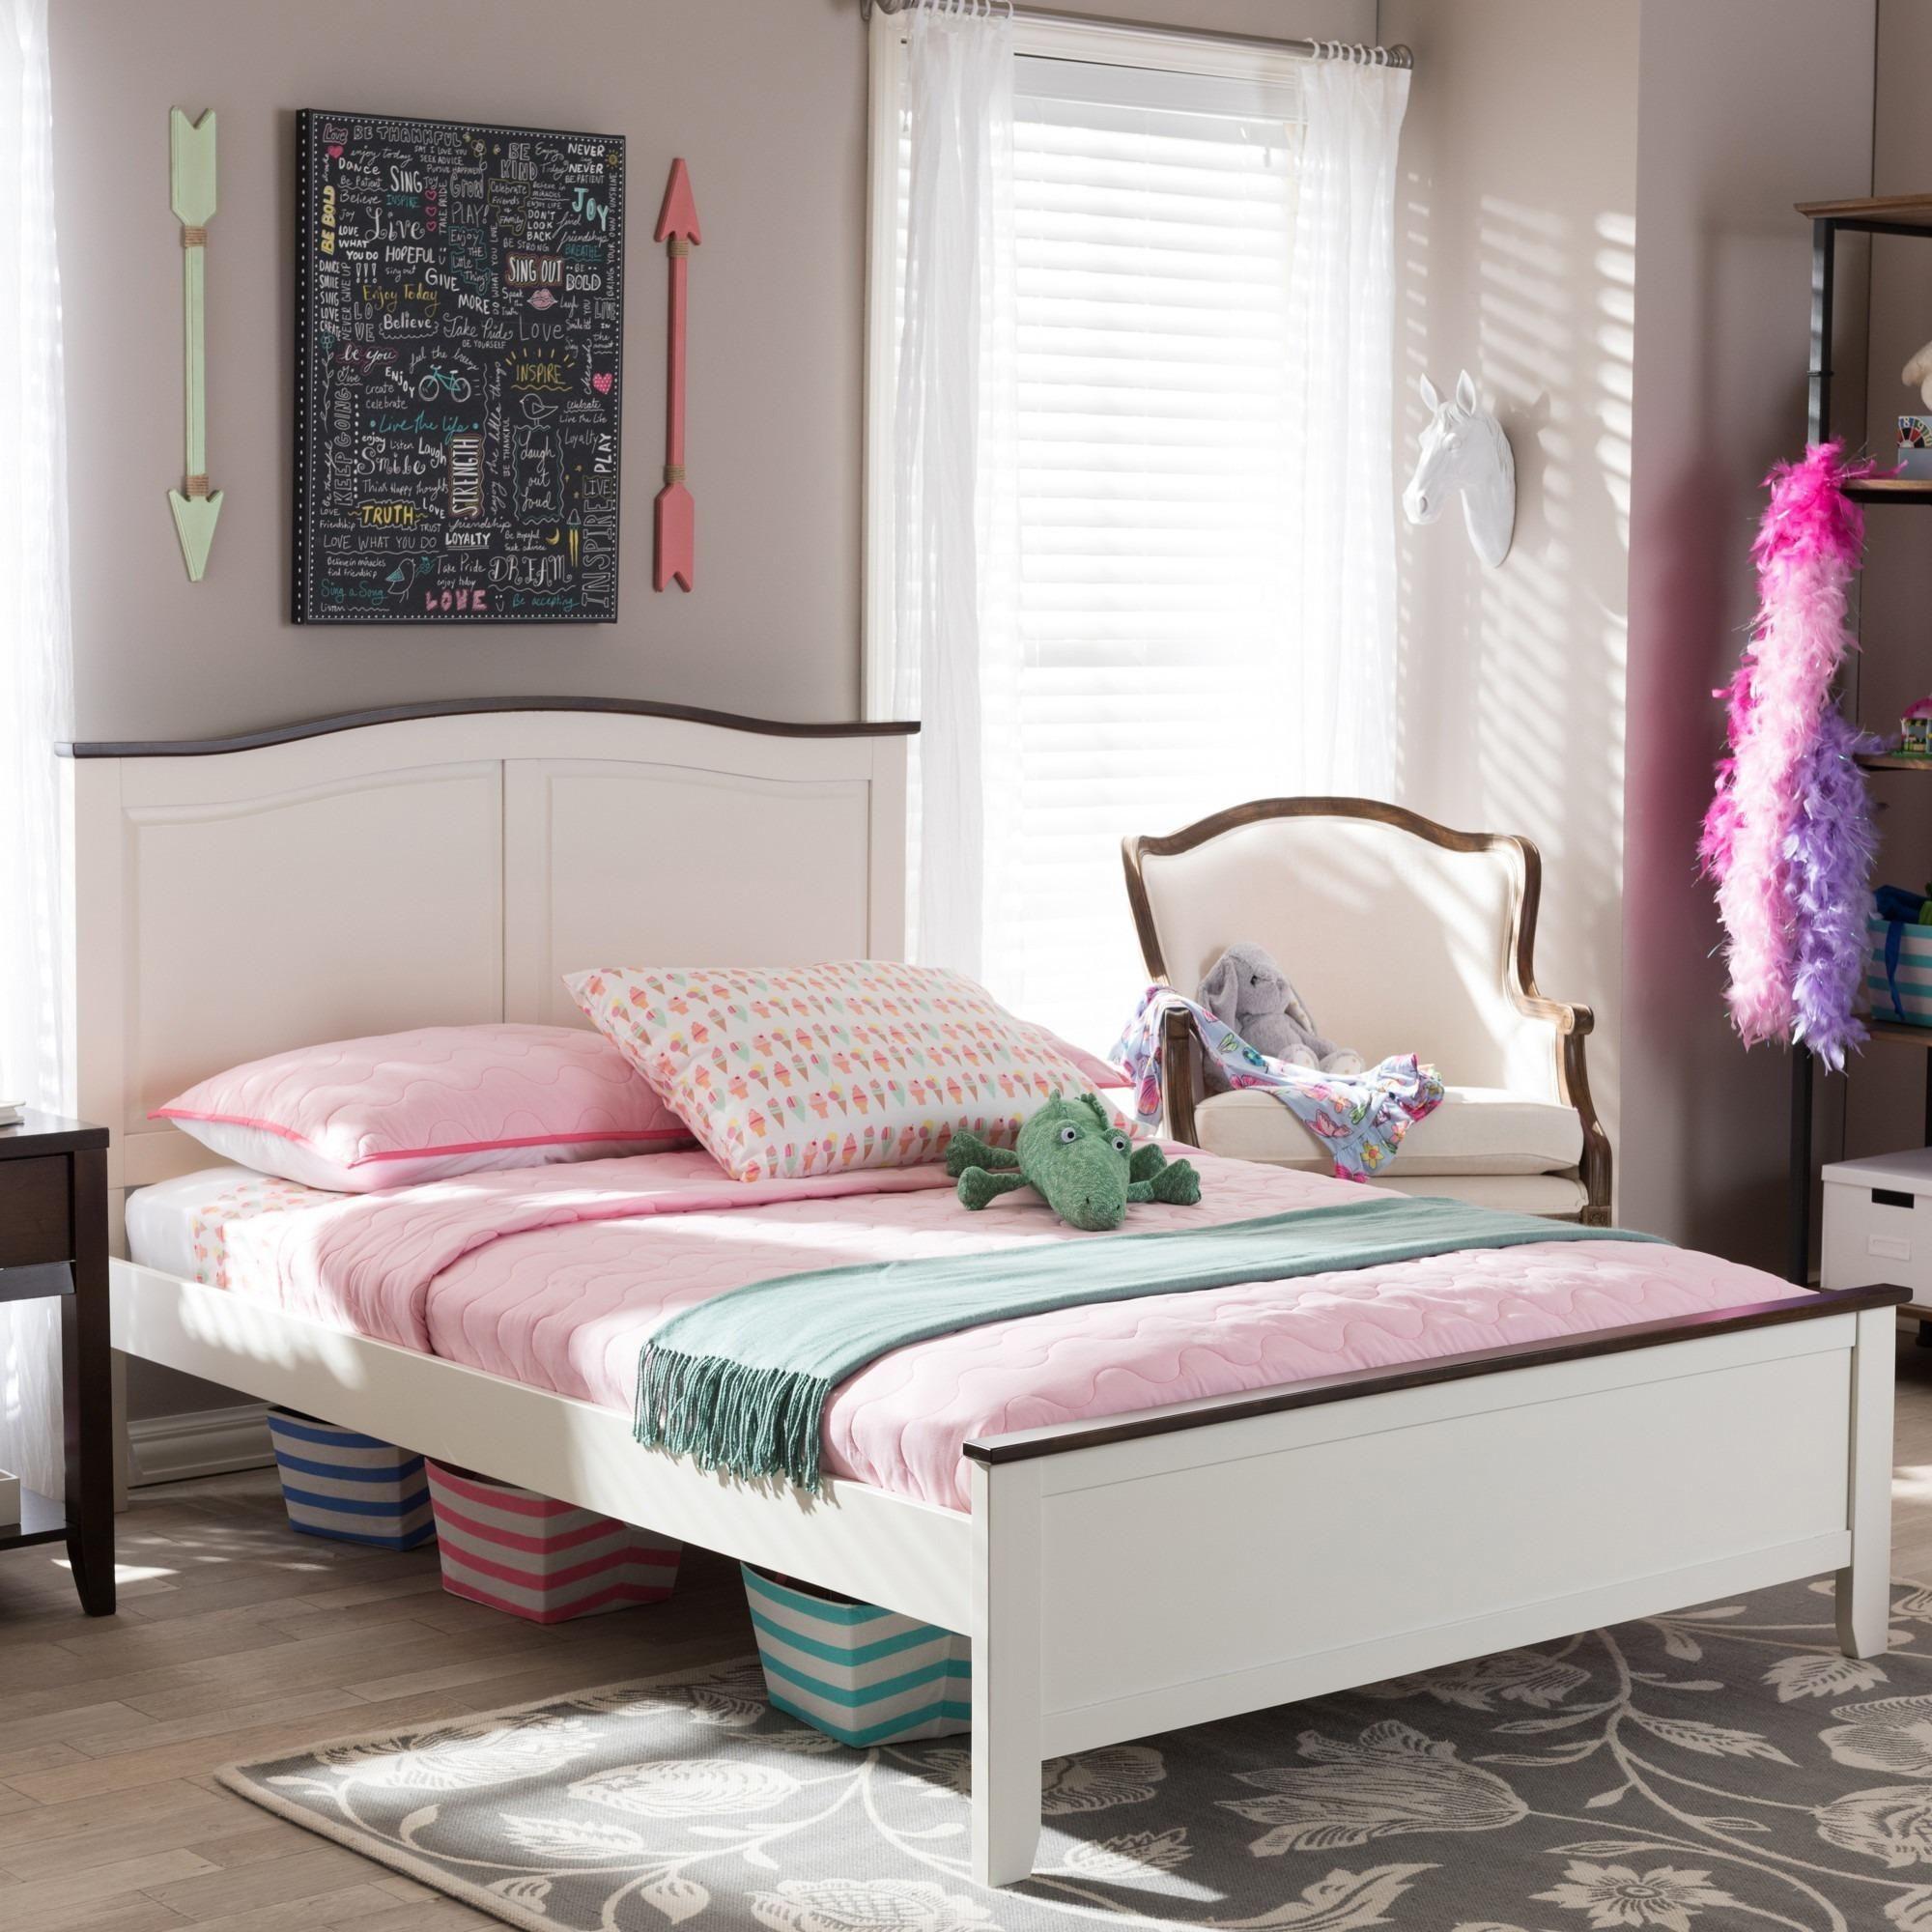 Harry cream linen full panel bed